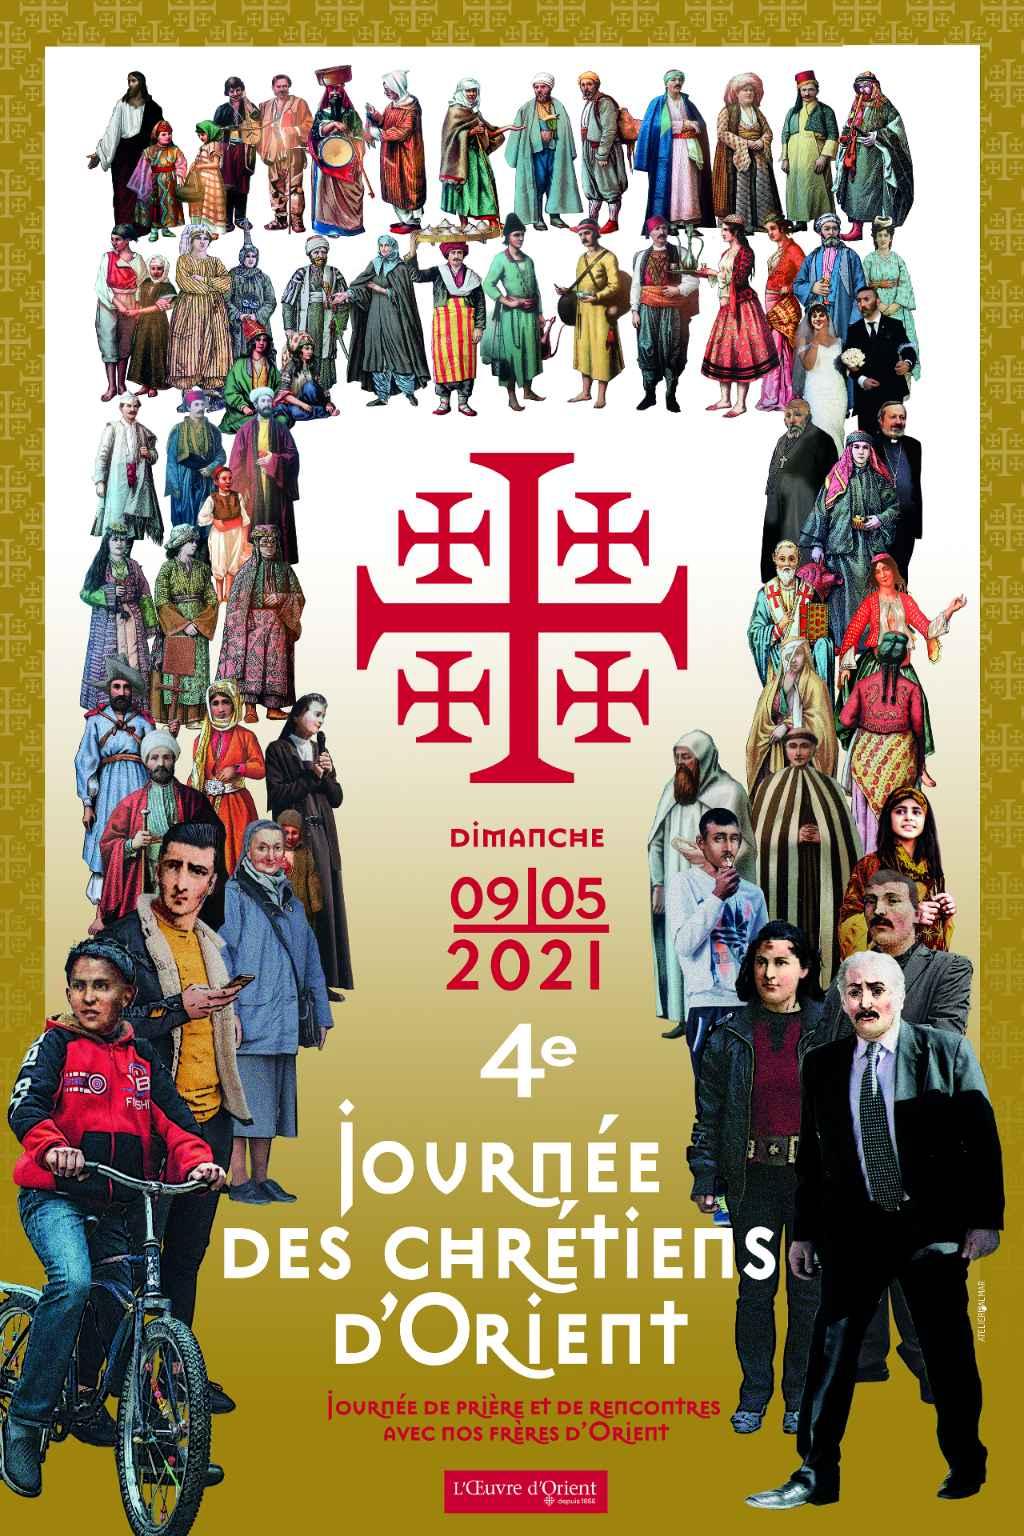 Affiche de la Journée des chrétiens d'Orient 2021